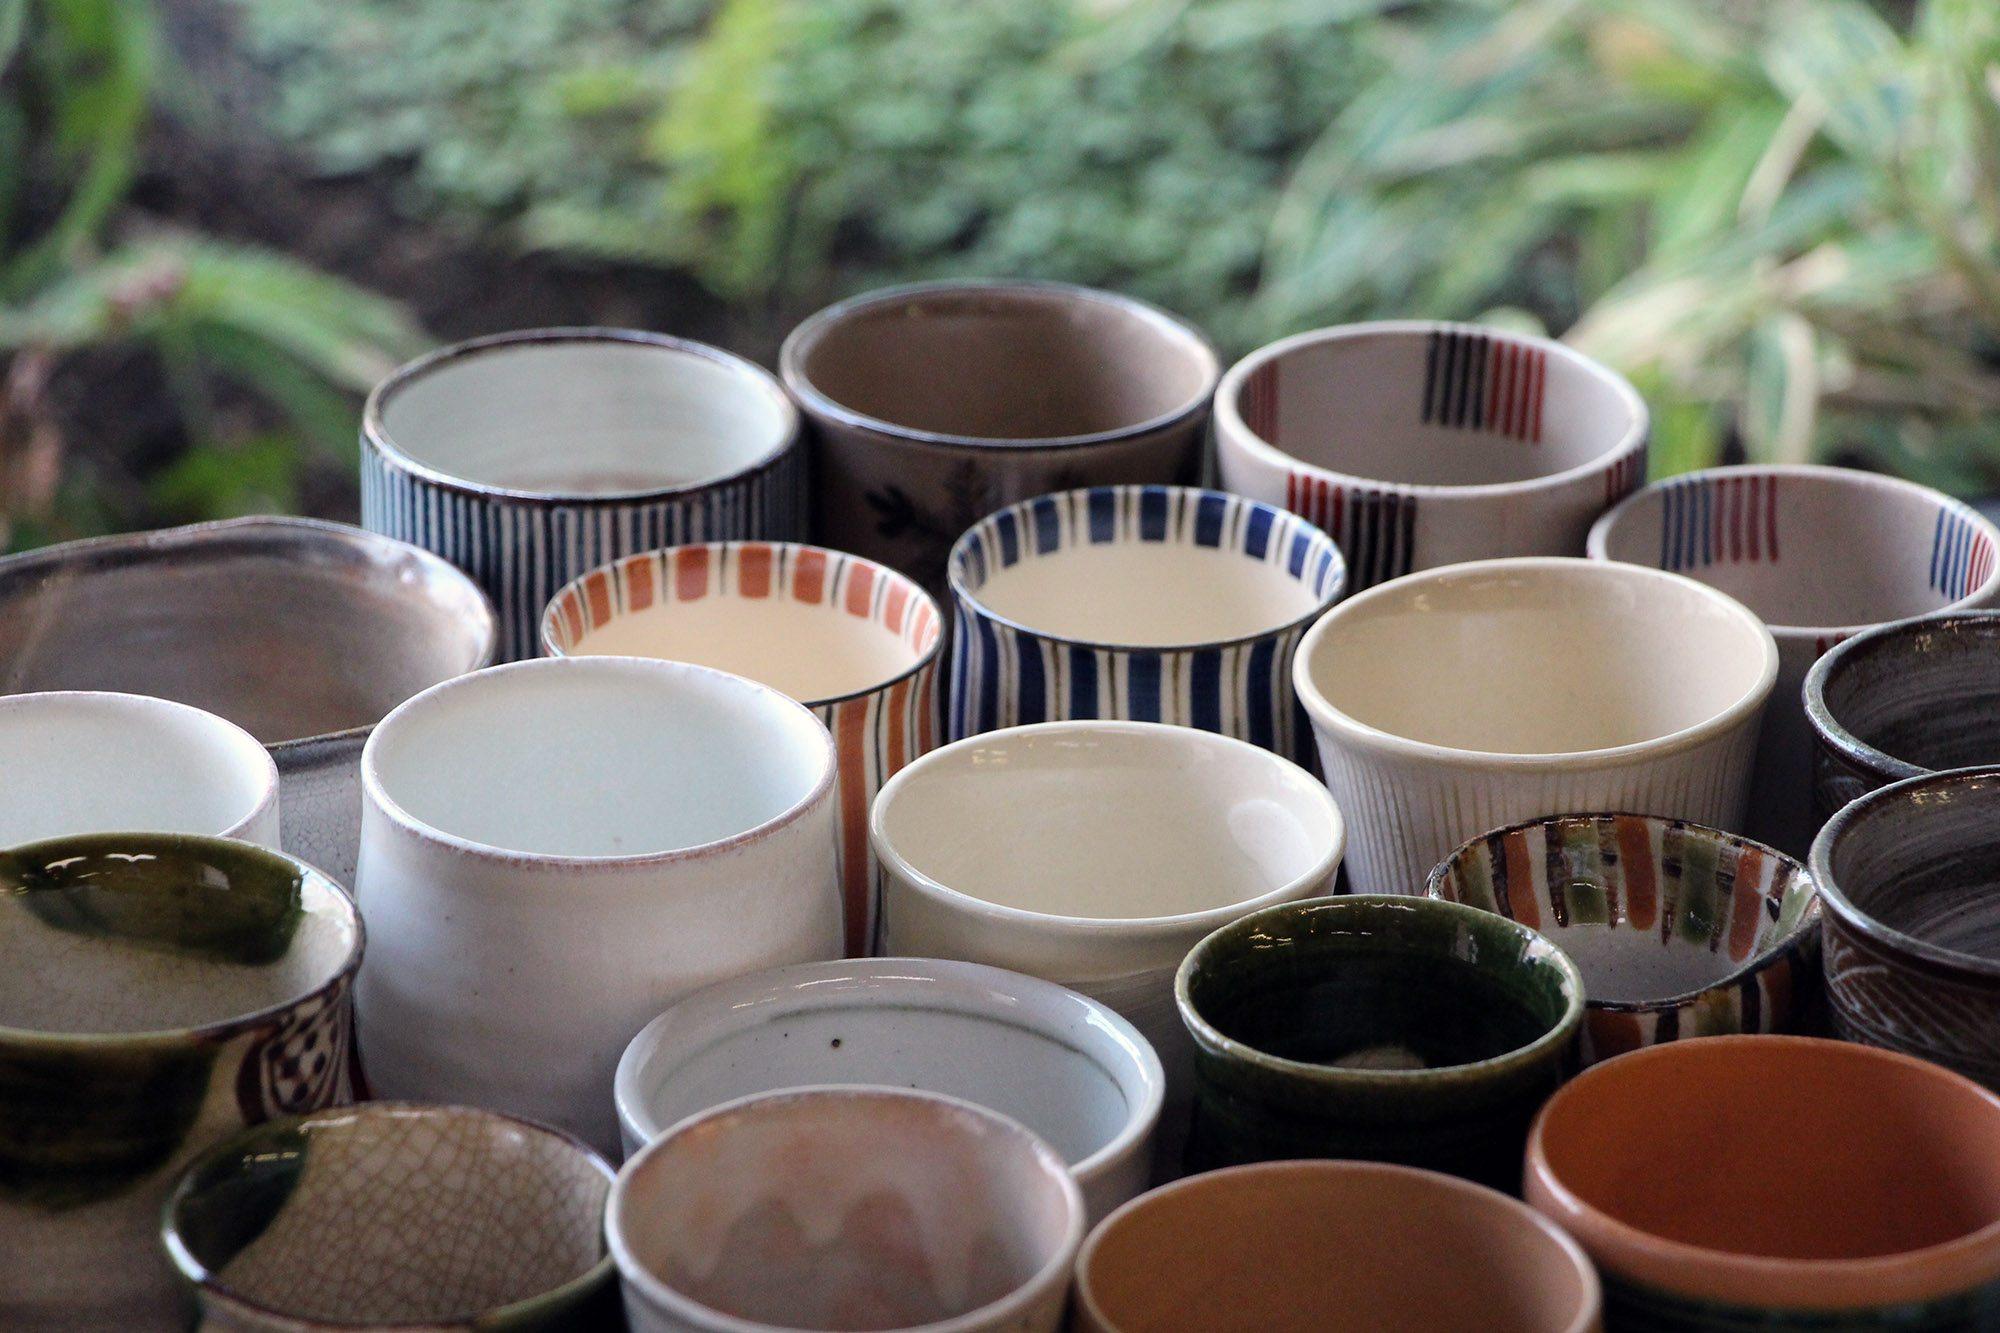 Daimonji Le Plus Beau Magasin De Vaisselle De Tokyo Dozodomo